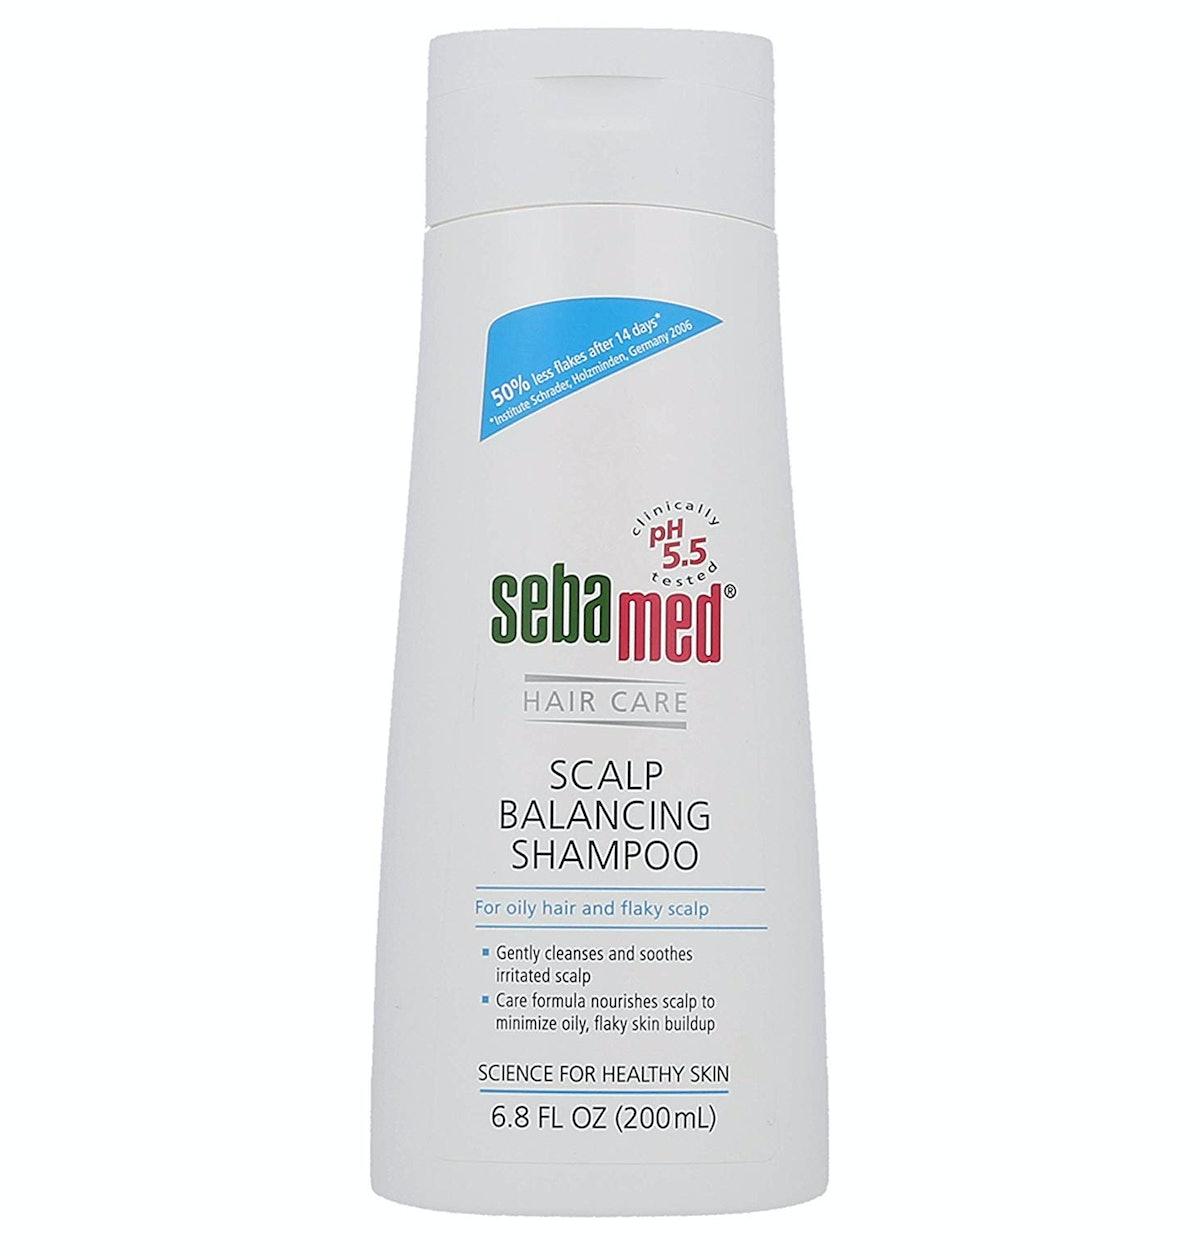 SebaMed Scalp Balancing Shampoo